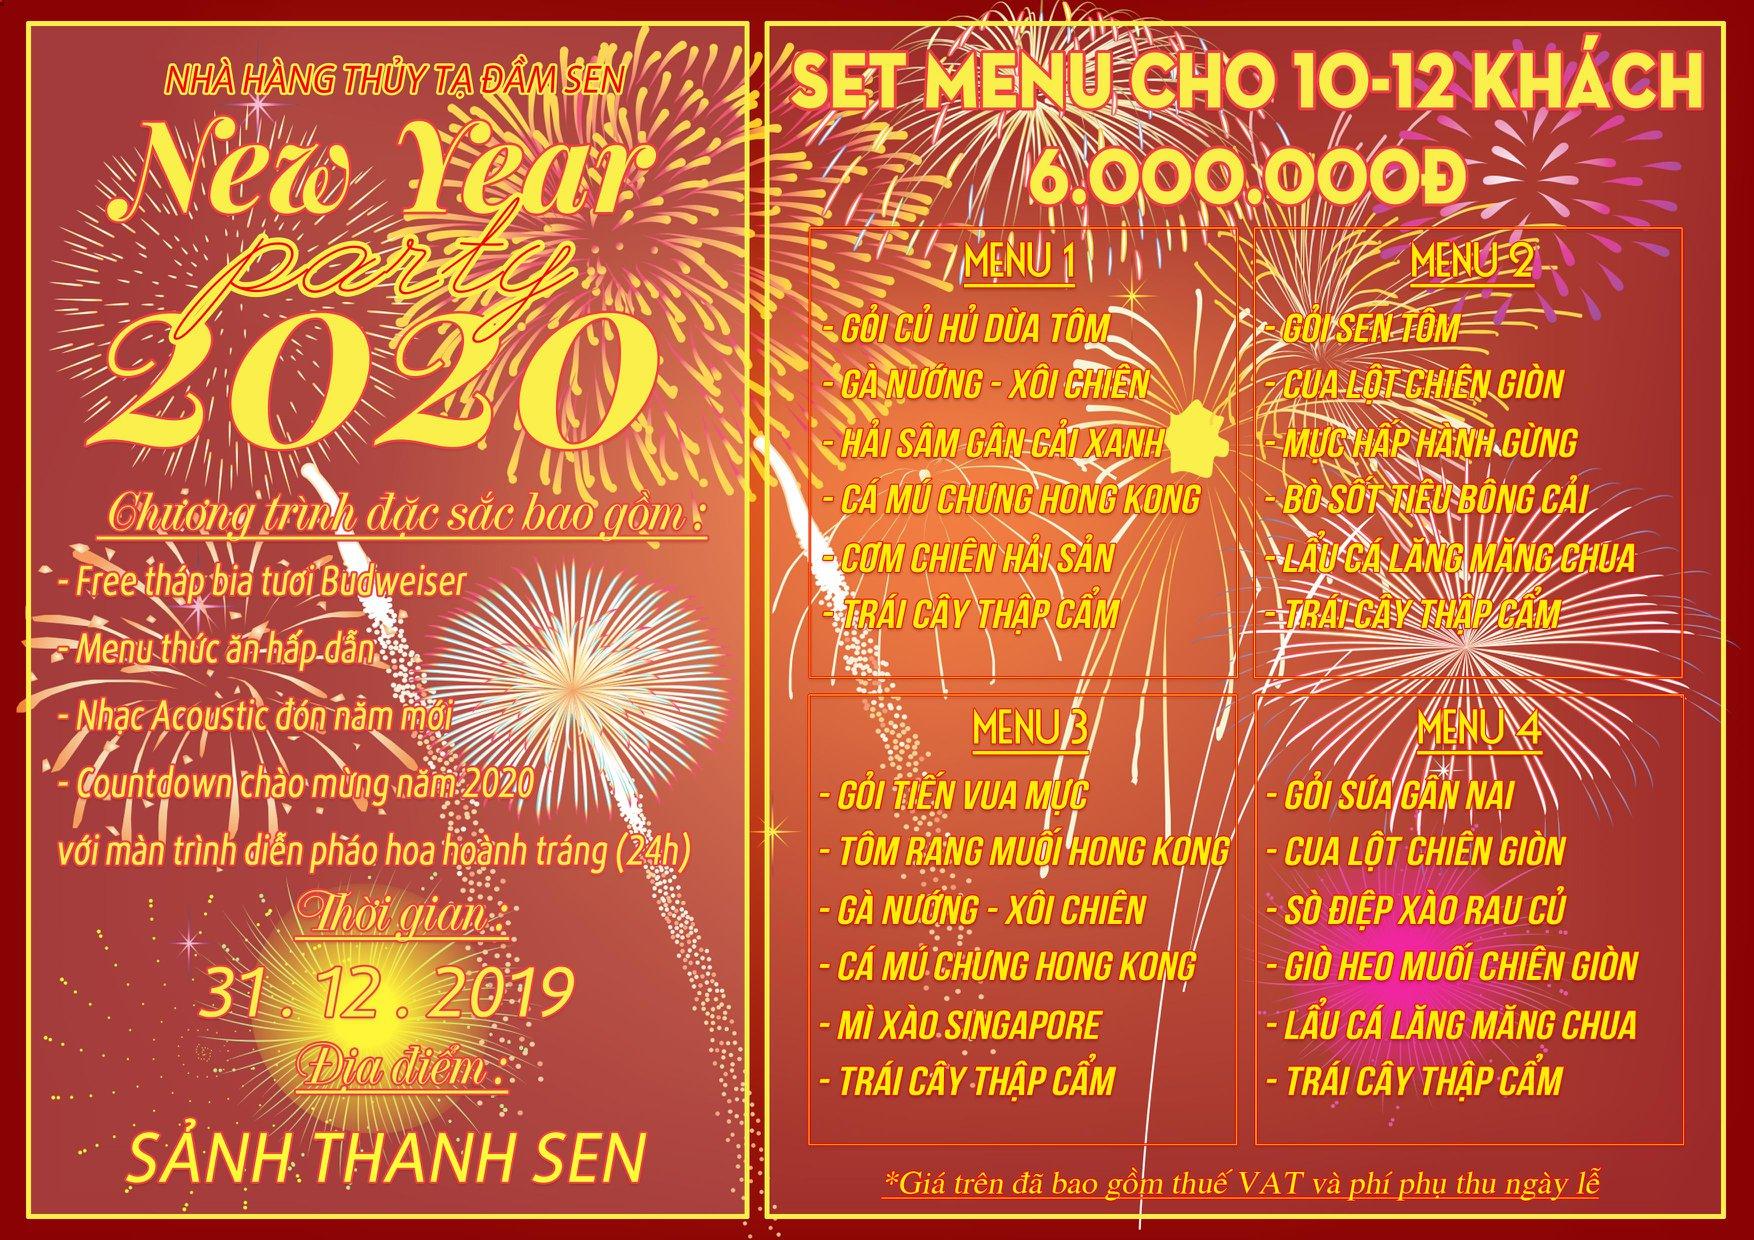 Countdown 2020: Xem pháo hoa tuyệt đẹp từ Thủy Tạ Đầm Sen 8